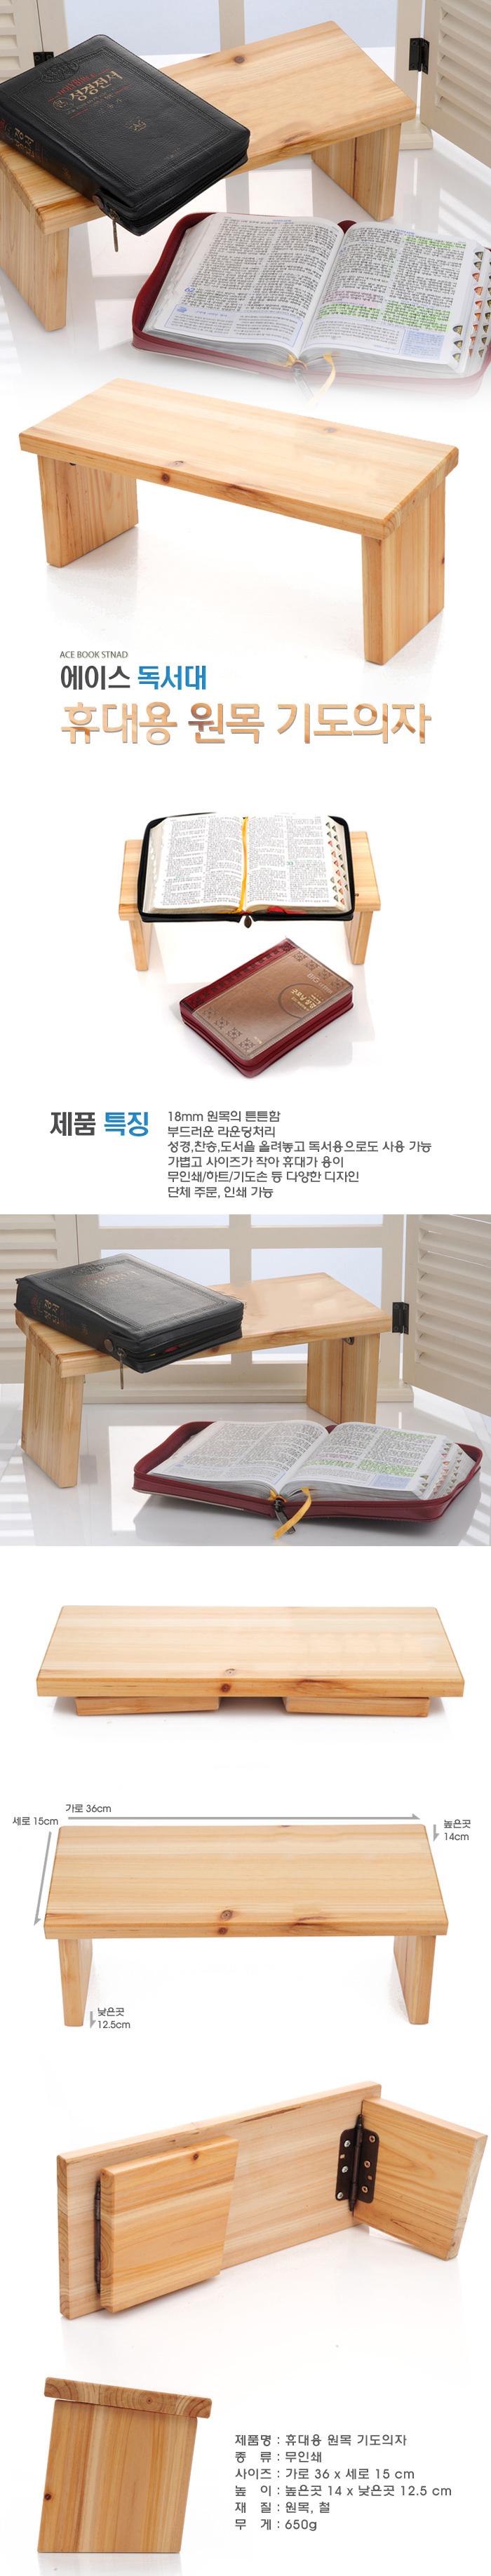 (에이스독서대) 원목 기도의자 무인쇄 - 에이스독서대, 13,000원, 디자인 의자, 간이의자